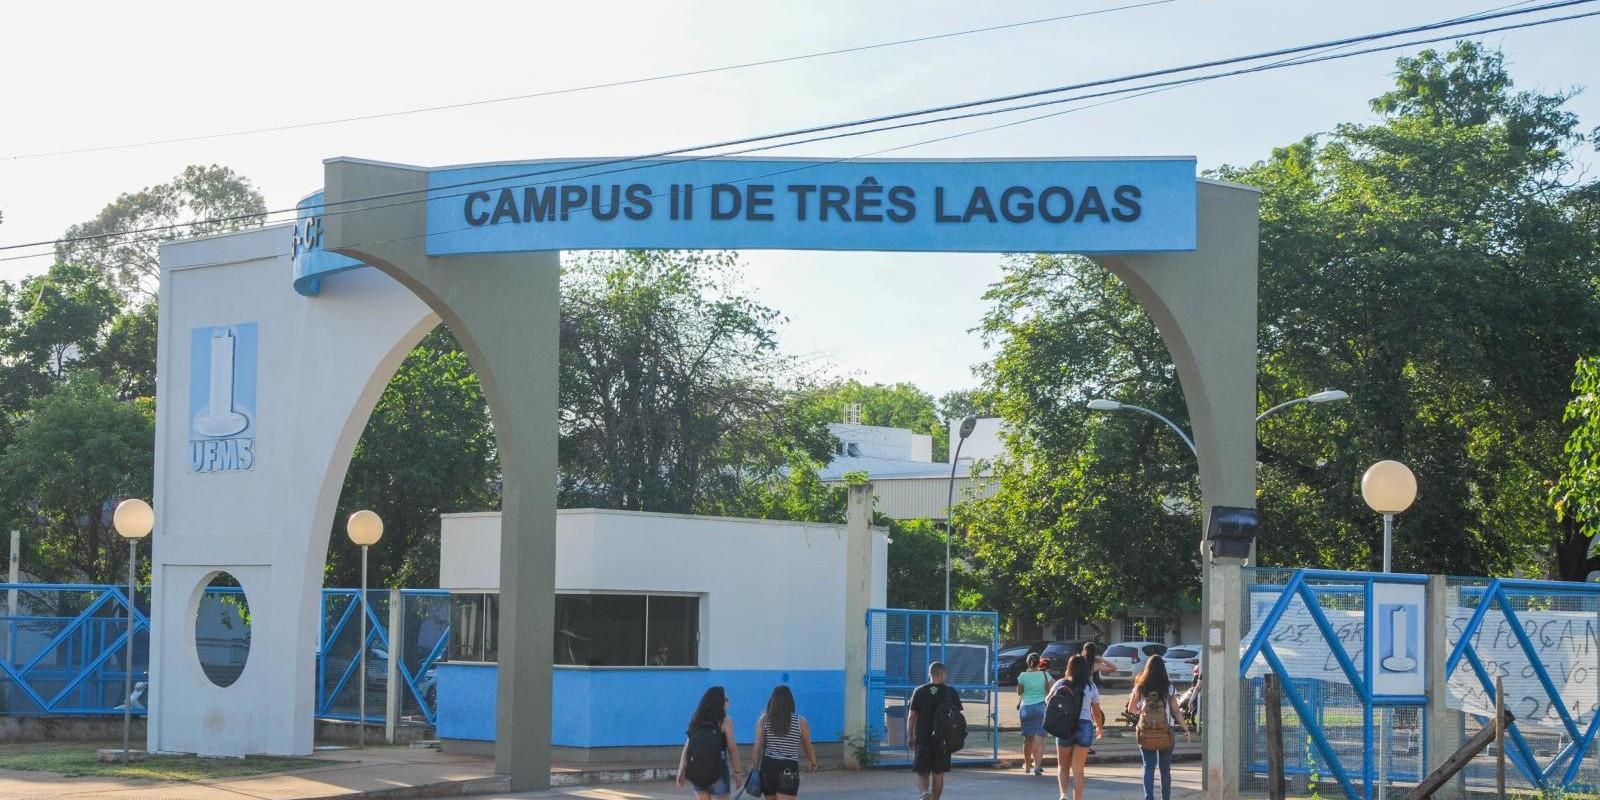 Programa de mestrado profissional em Letras da UFMS oferece nove vagas para Três Lagoas